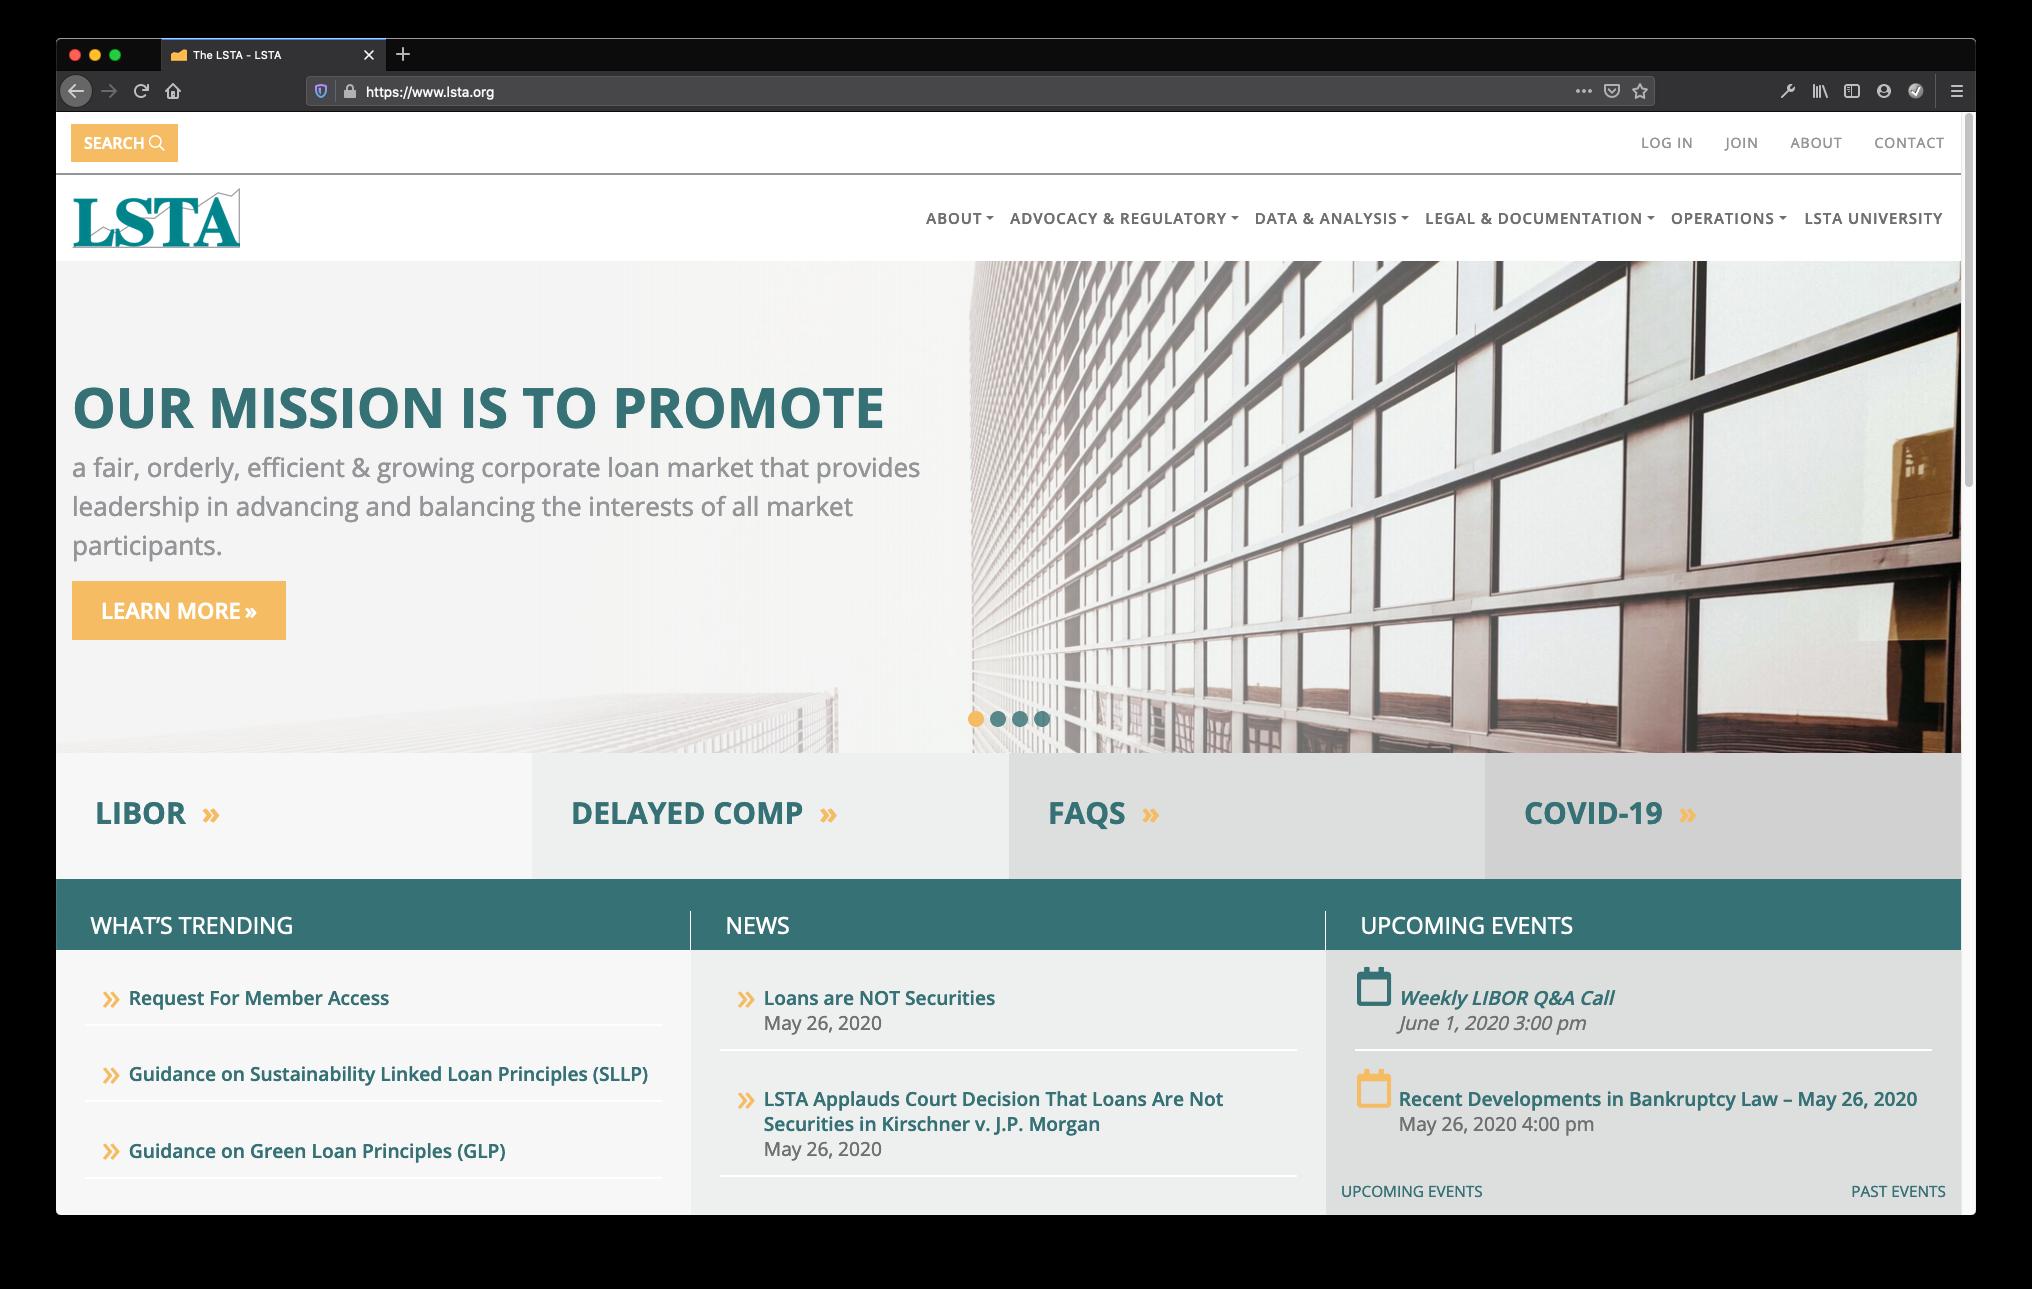 LSTA Homepage screenshot